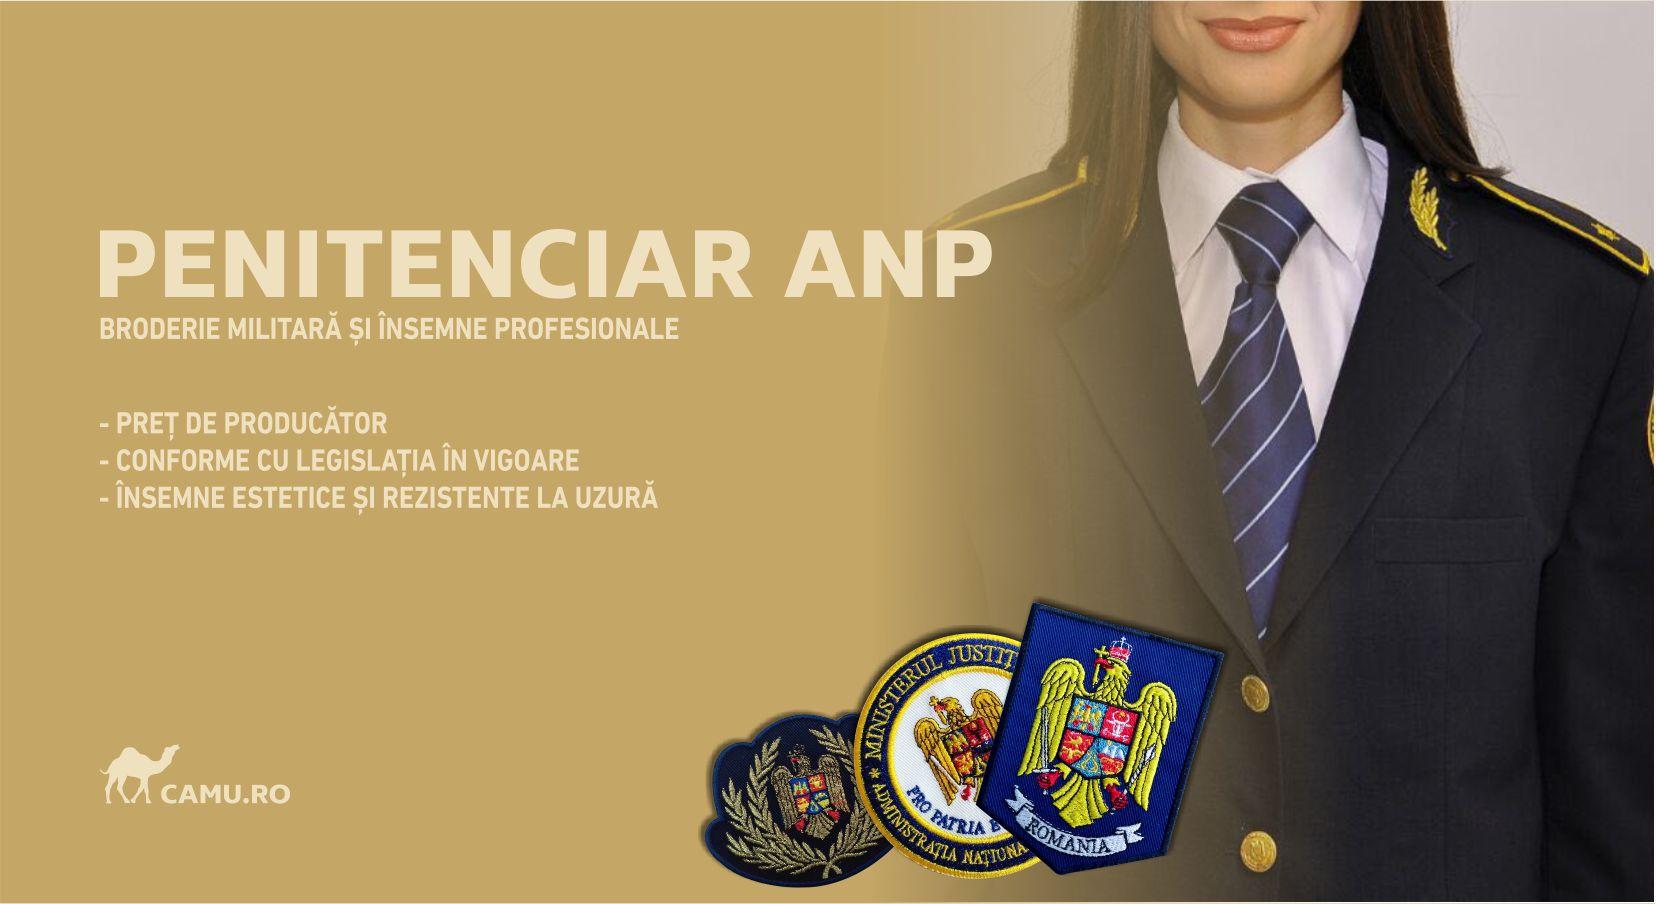 Grade Militare Penitenciare ANP de vânzare | Embleme Penitenciare ANP | Nominale și alte însemne distinctive pentru uniforma Penitenciare ANP. *Conforme cu legislația în vigoare.